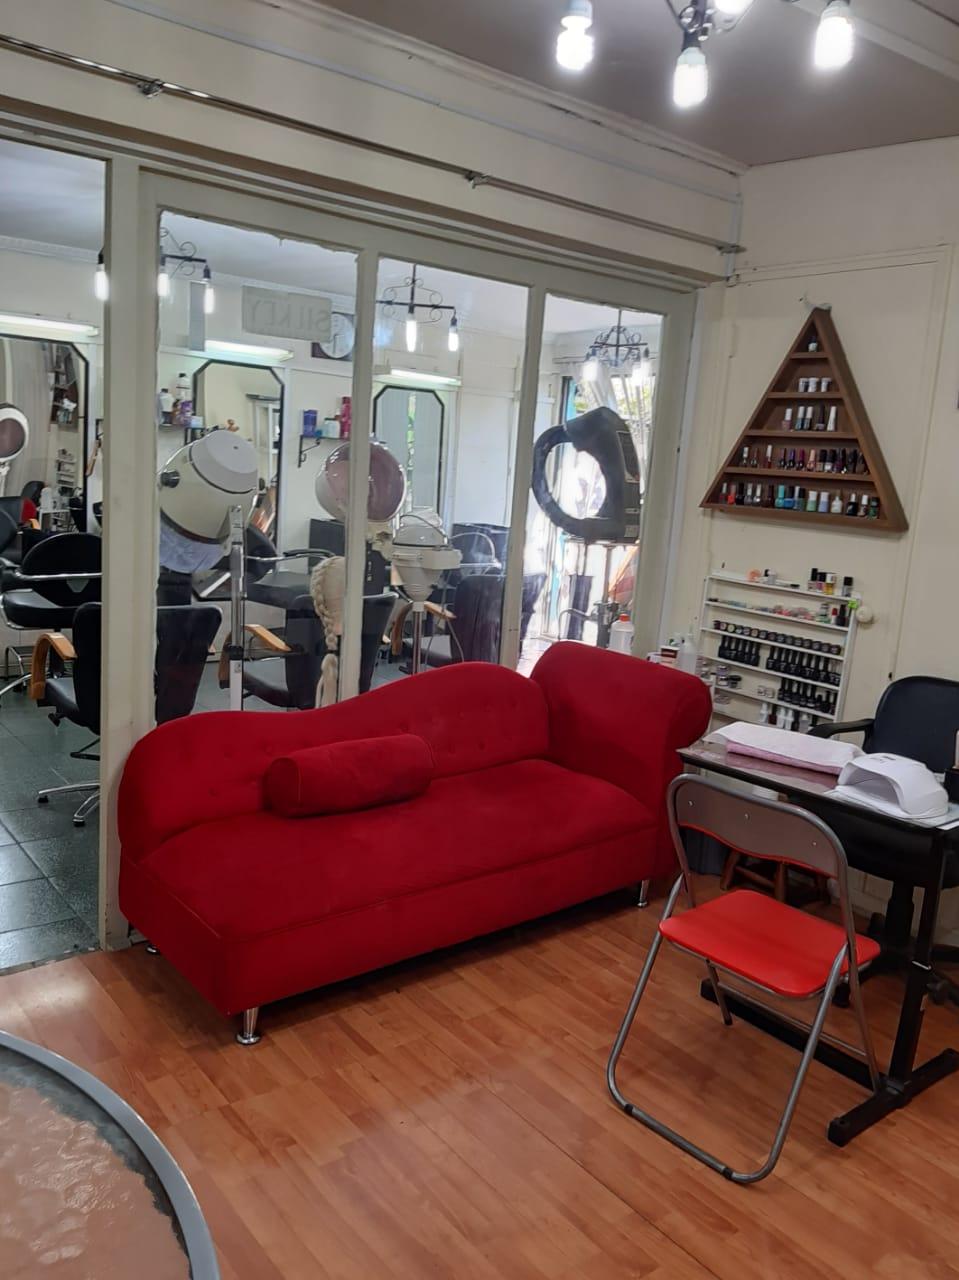 Venta Derechos de Local Comercial centro Estética y peluquería, metro El Parrón